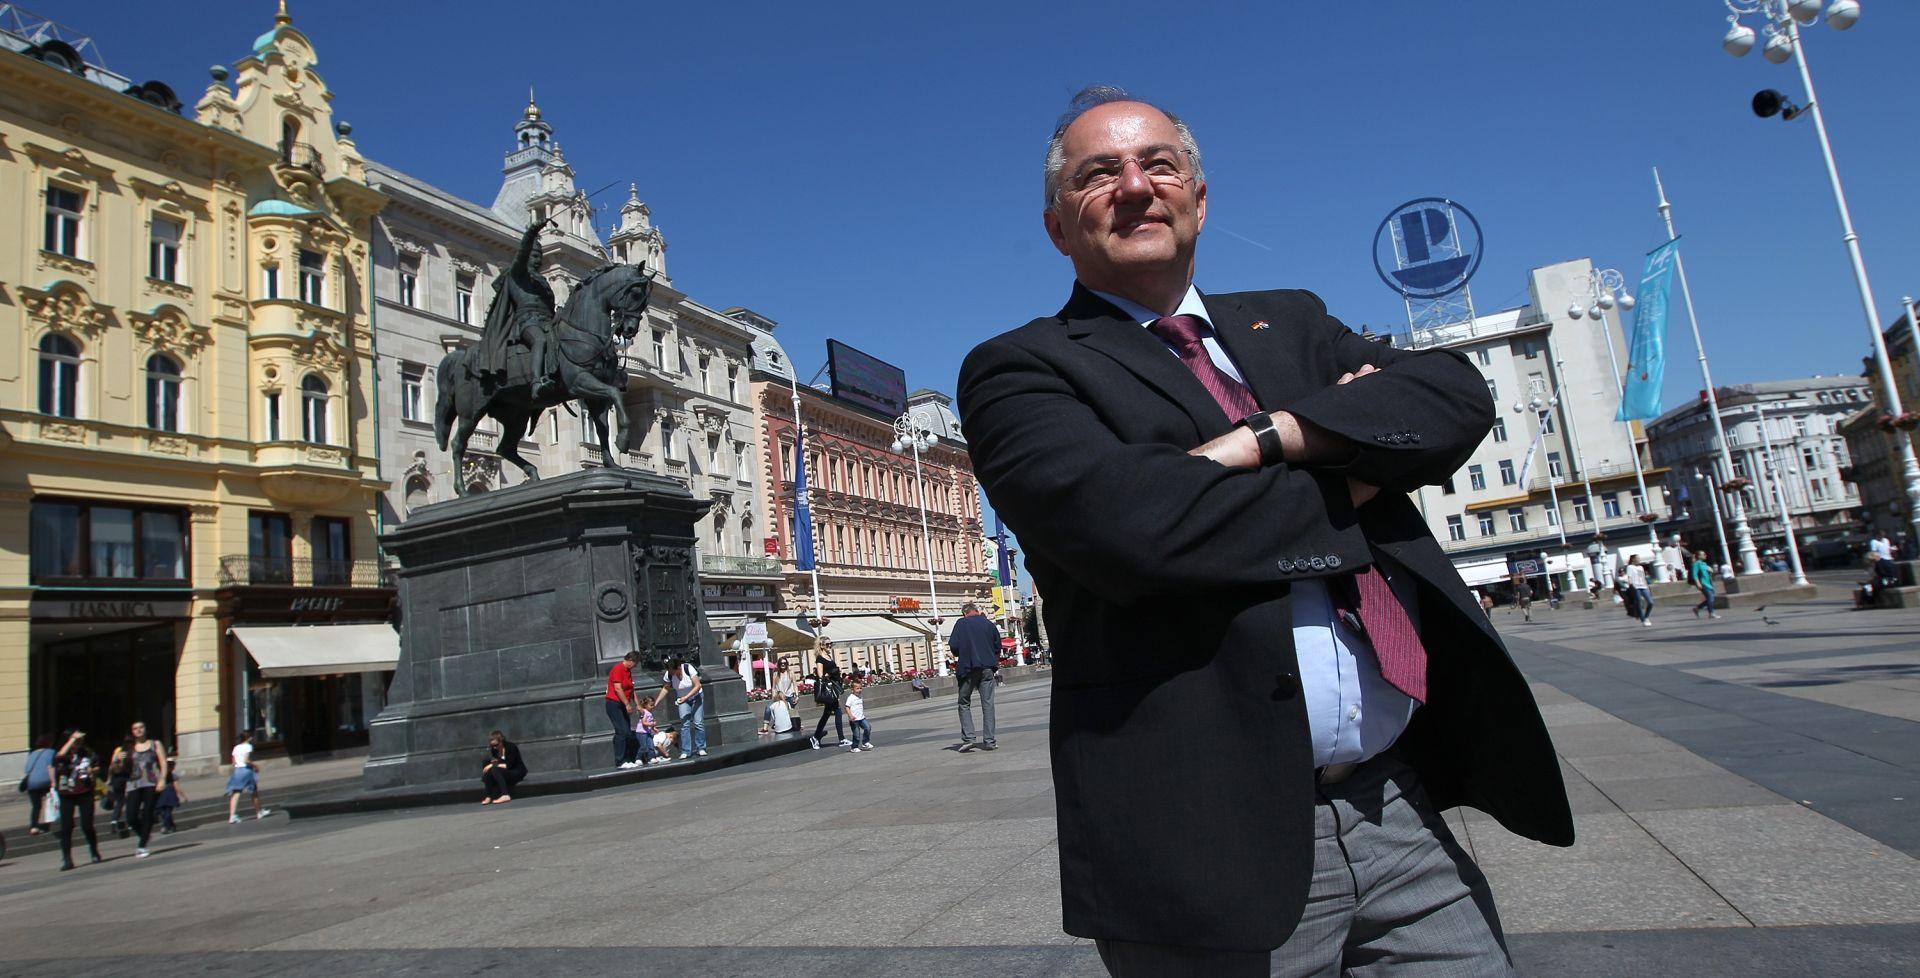 JOSIP JURATOVIĆ Pružanje ruke pridonosi miru više od politike